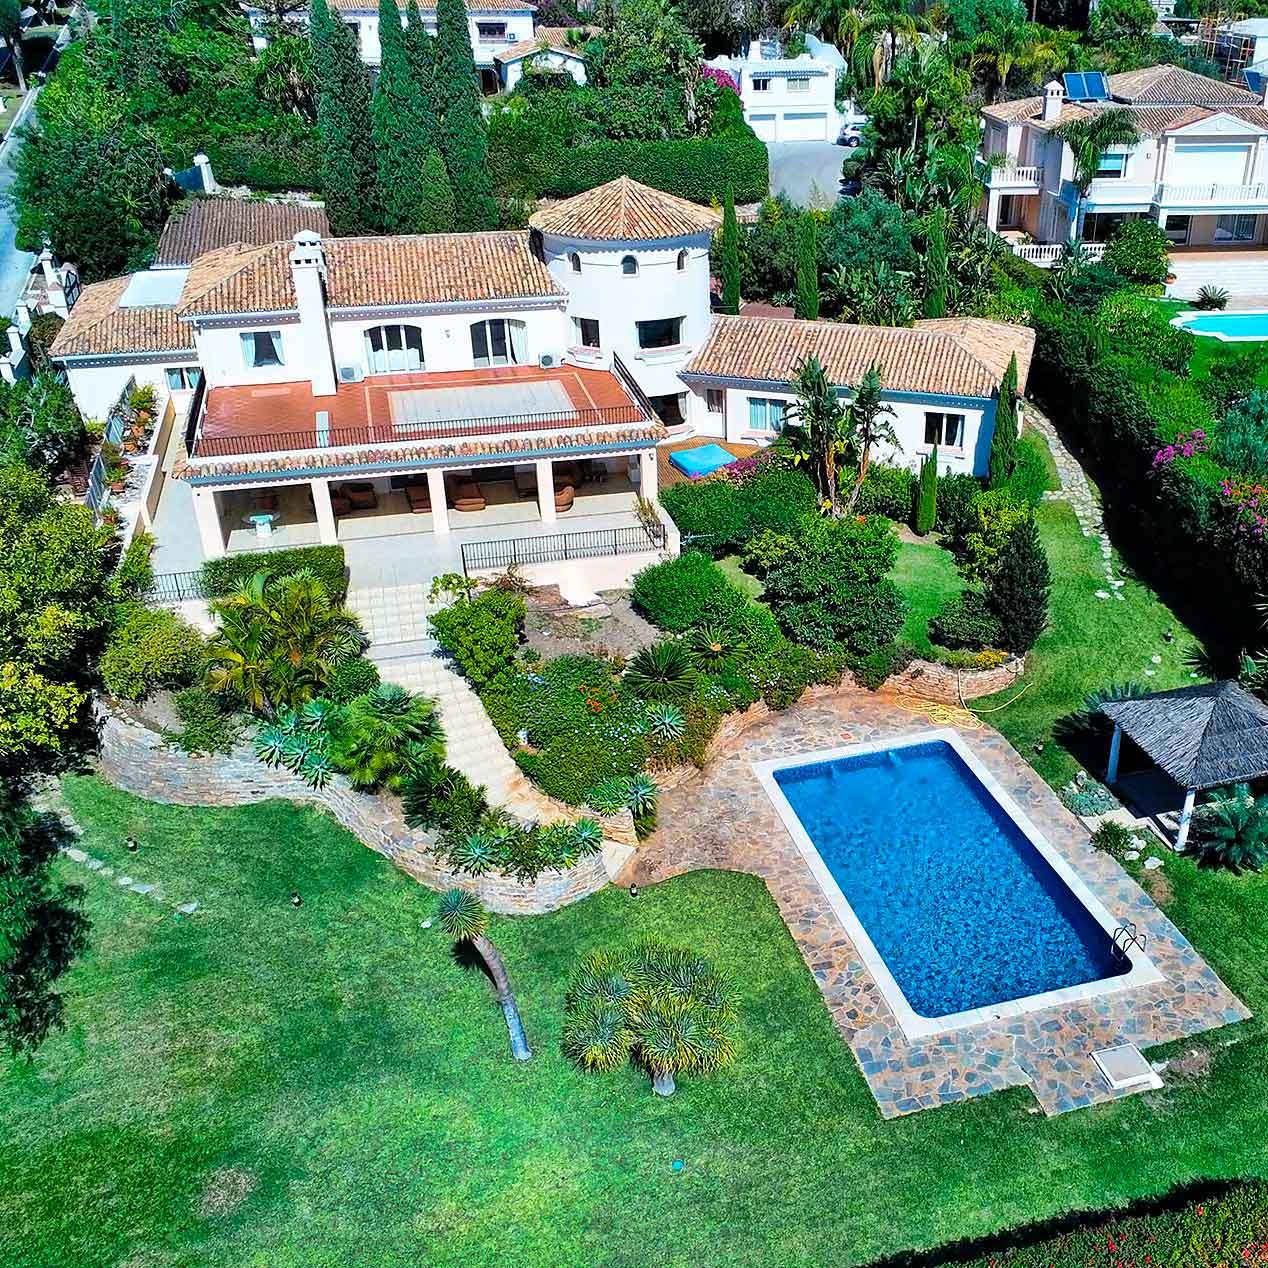 Fotos de la villa en Sierra blanca, Marbella